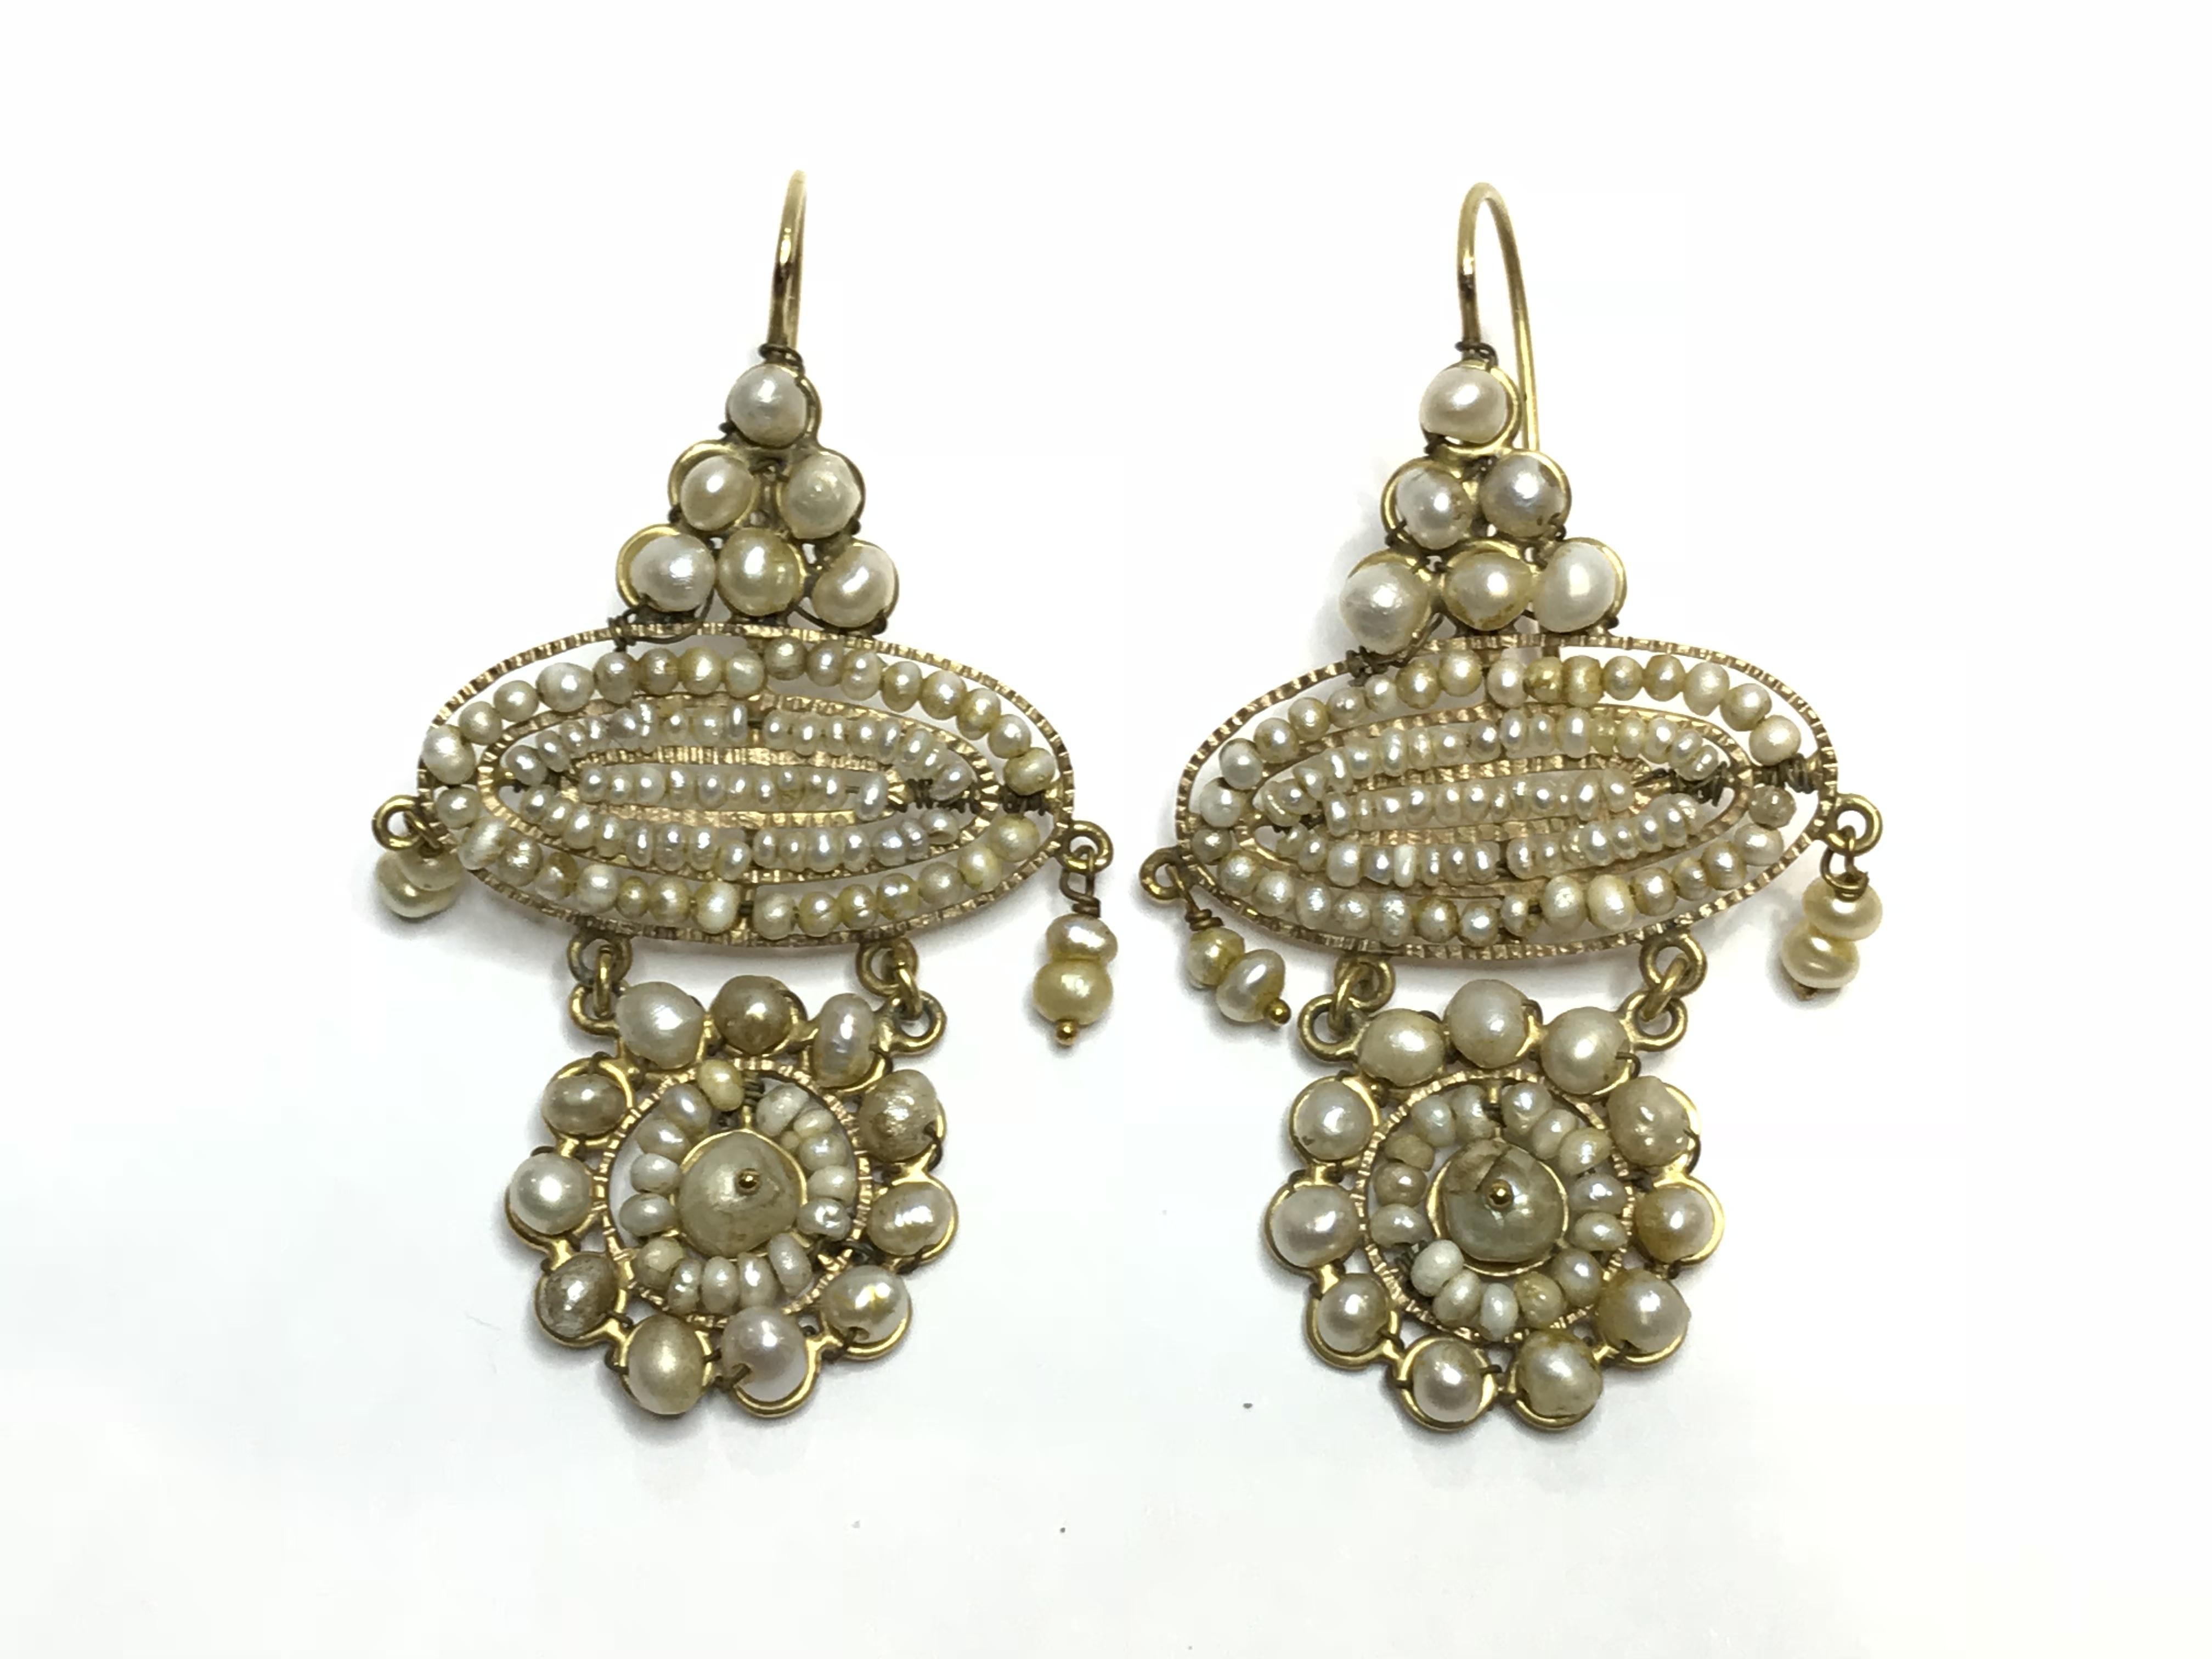 556dfe713516 Pendientes de oro 18kts y aljofar. Siglos XVIII – XIX. – Antigua y ...